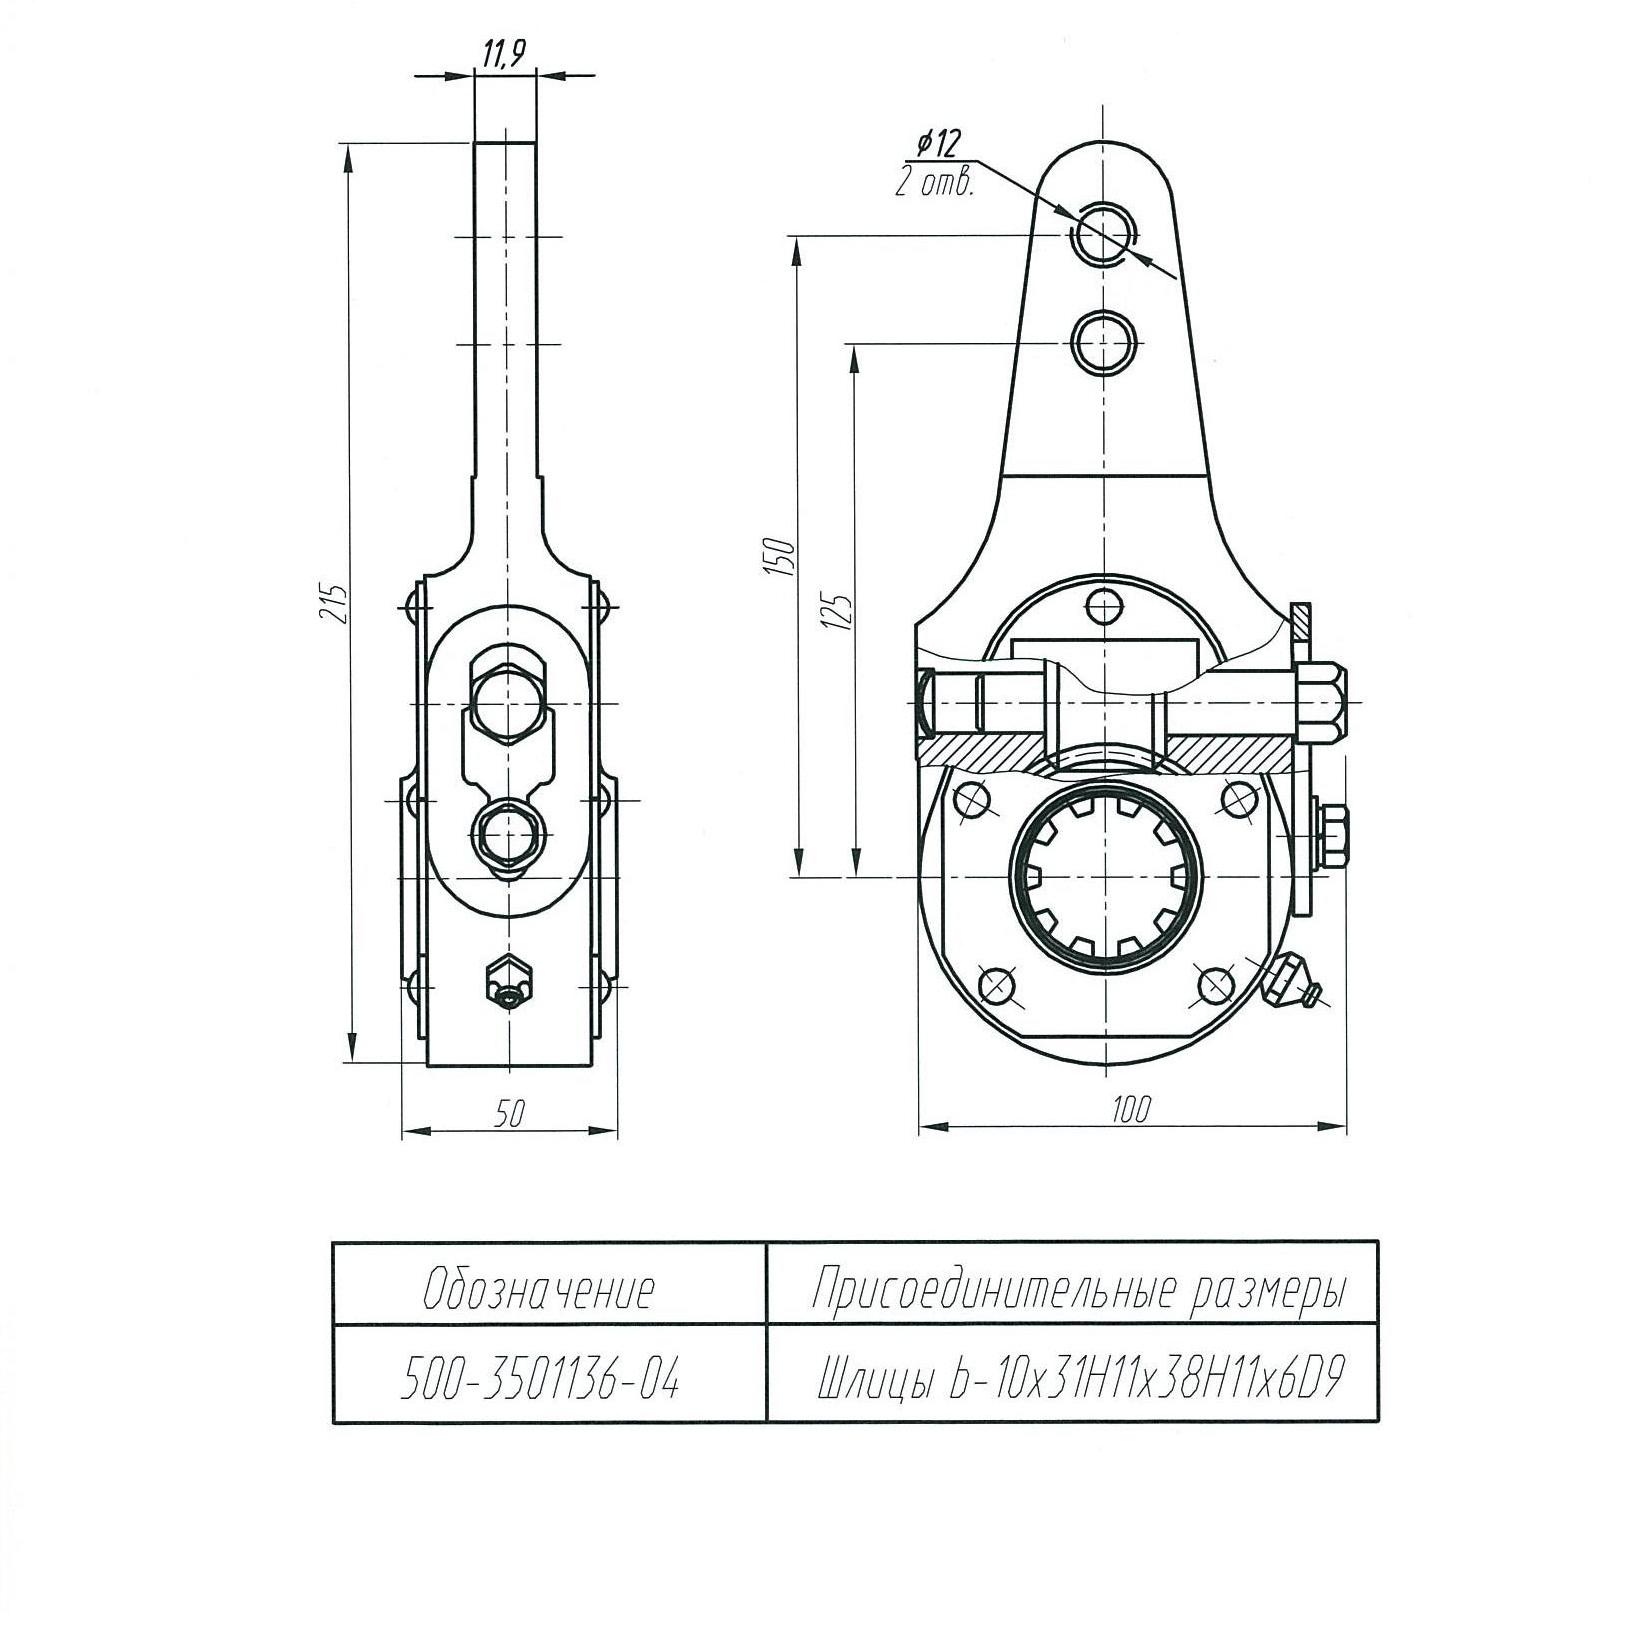 Рычаги регулировочные ручной регулировки МАЗ 2